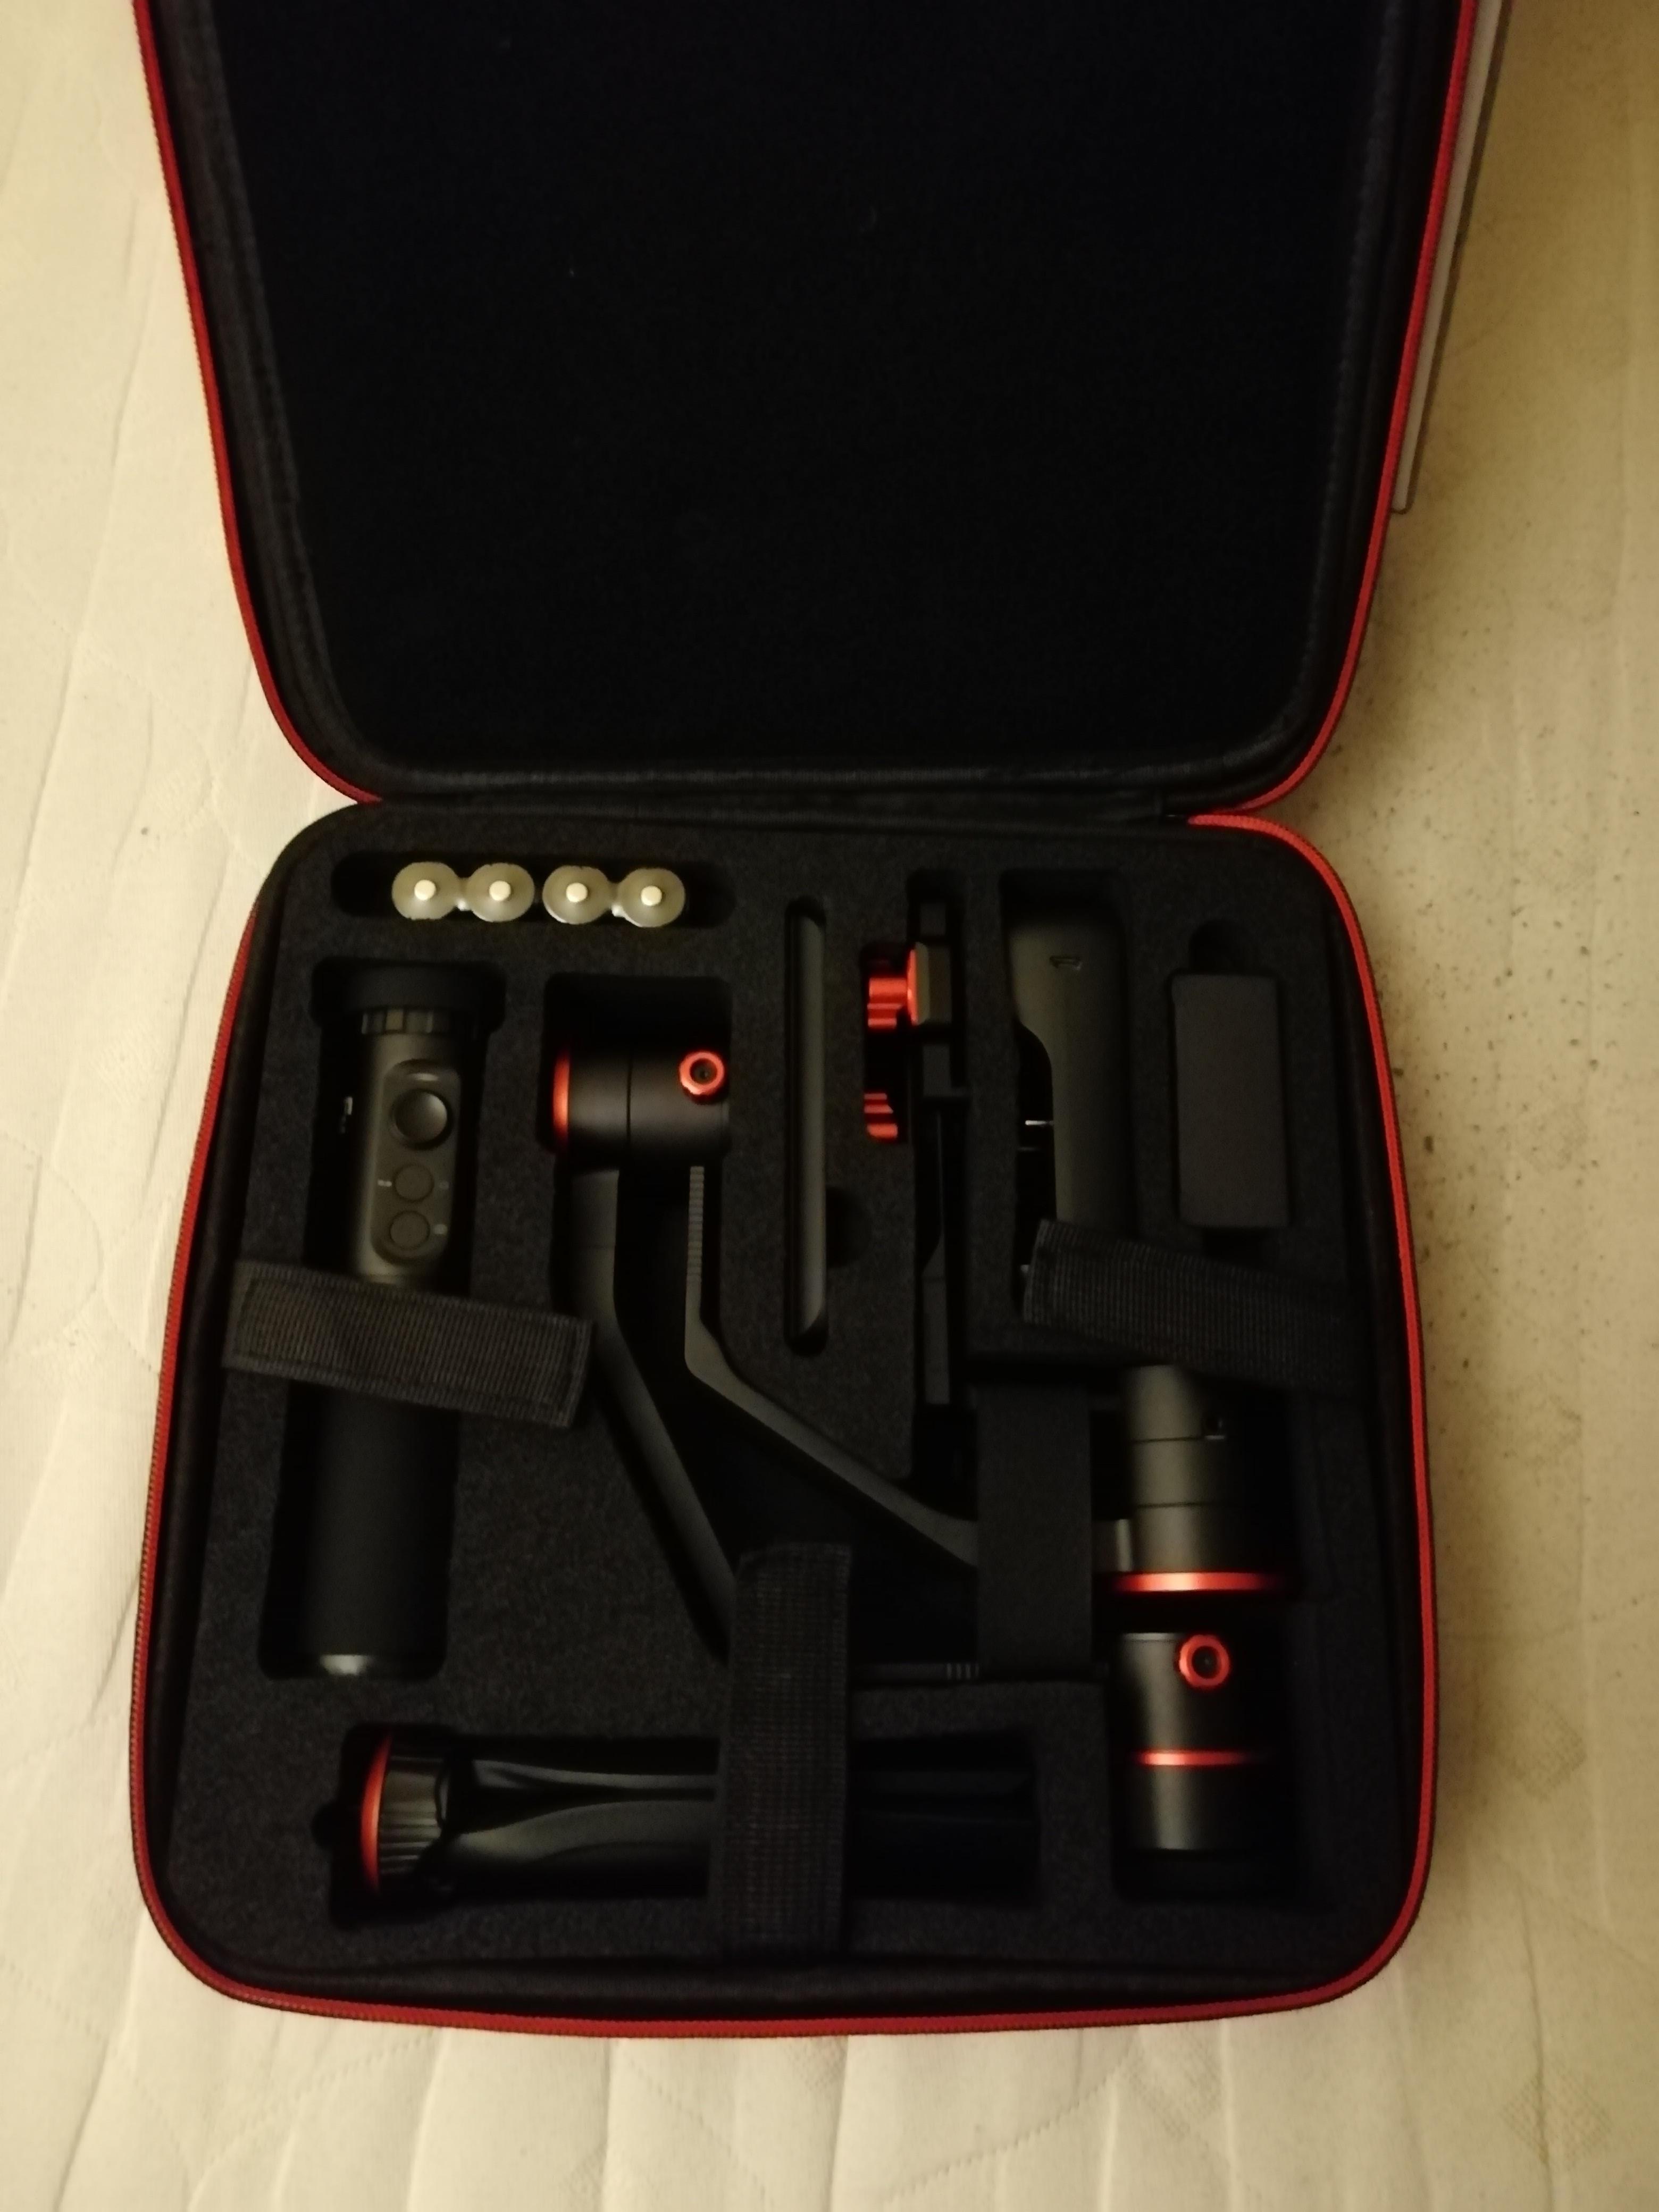 Stabilisateur de caméra Feiyutech a2000